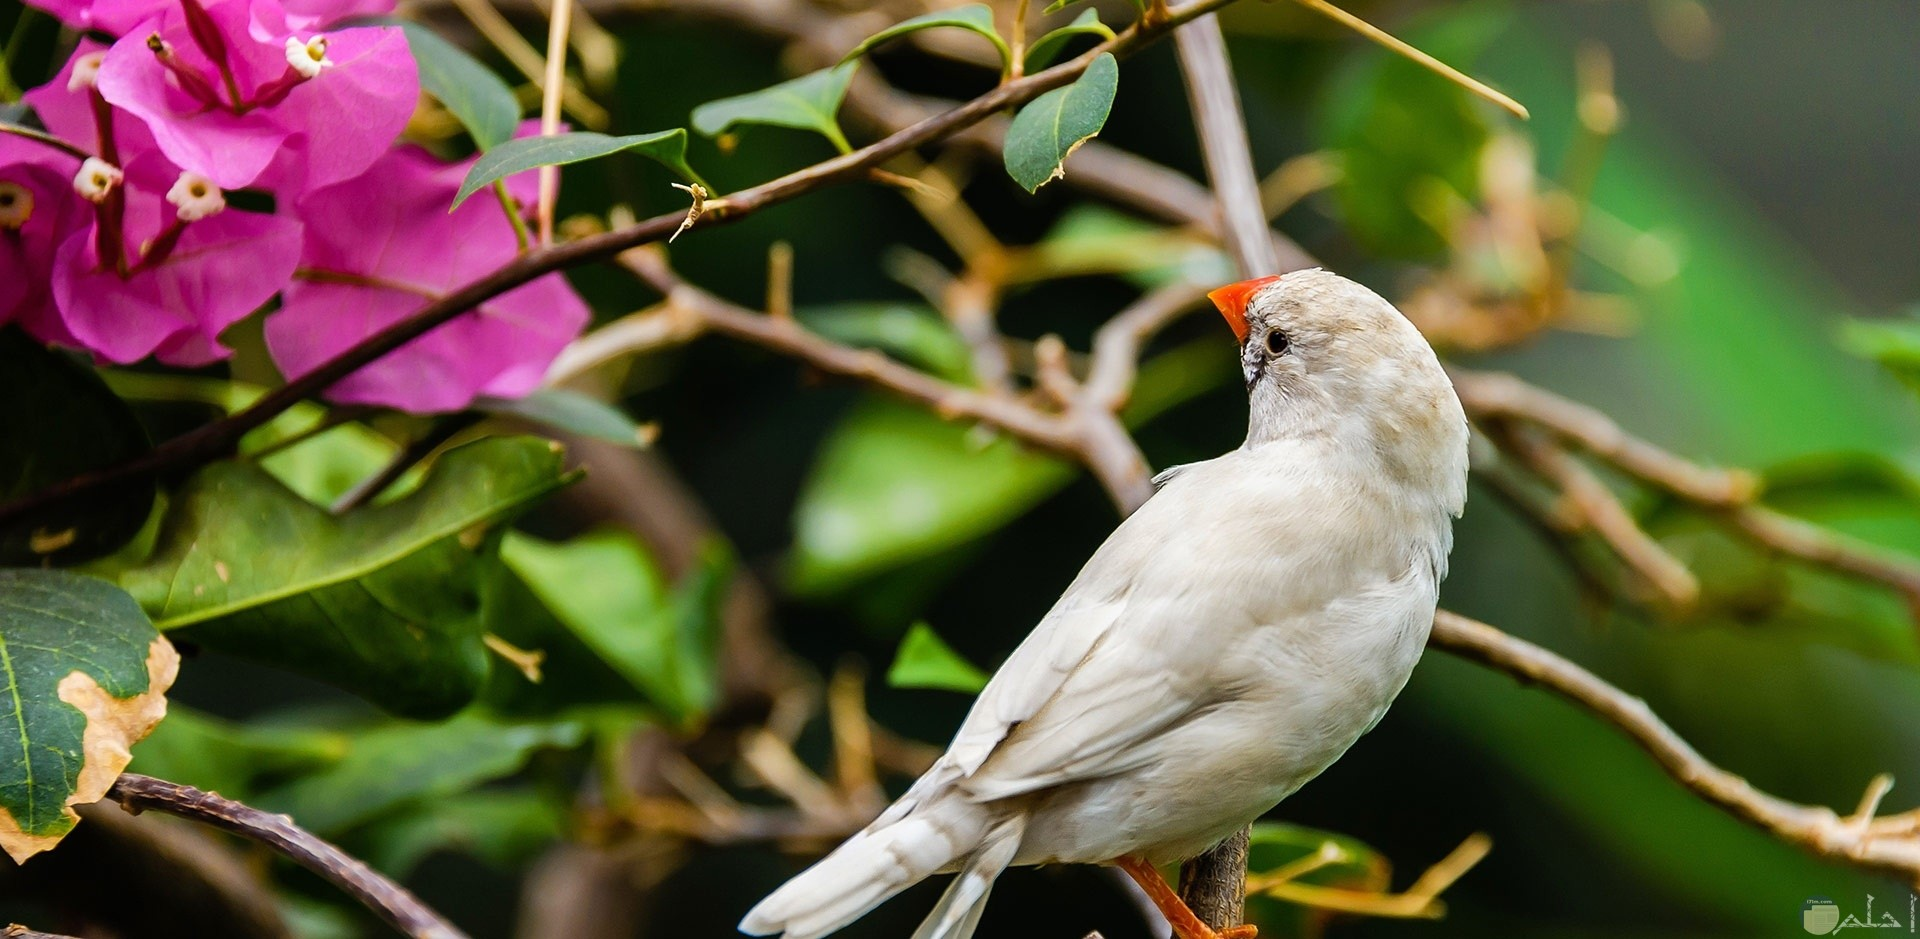 طائر جميل يقف على غصن شجرة